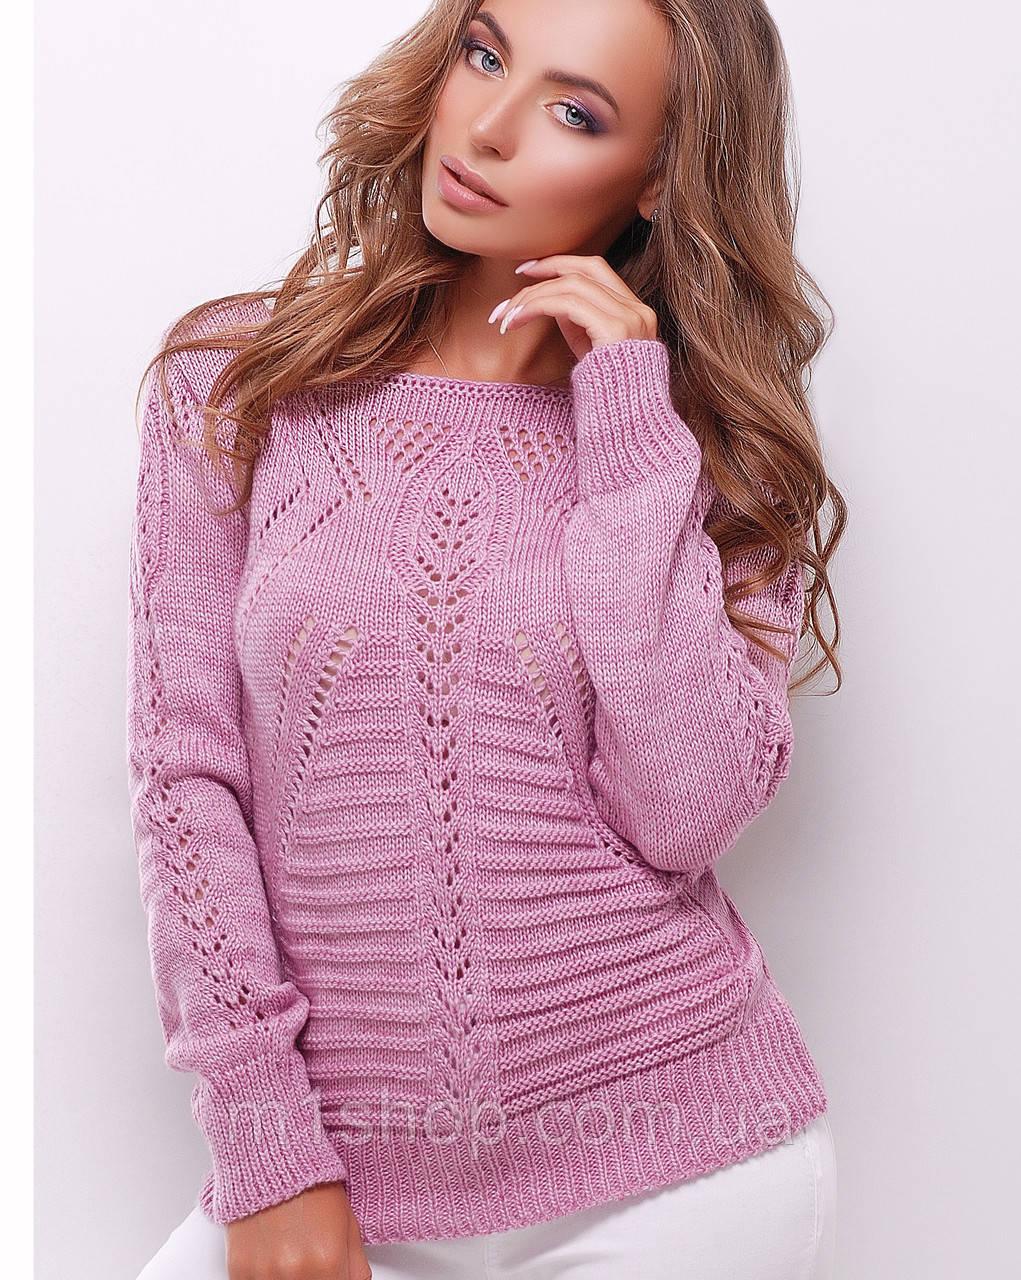 Женский вязаный однотонный свитер лодочкой (21 mrs)